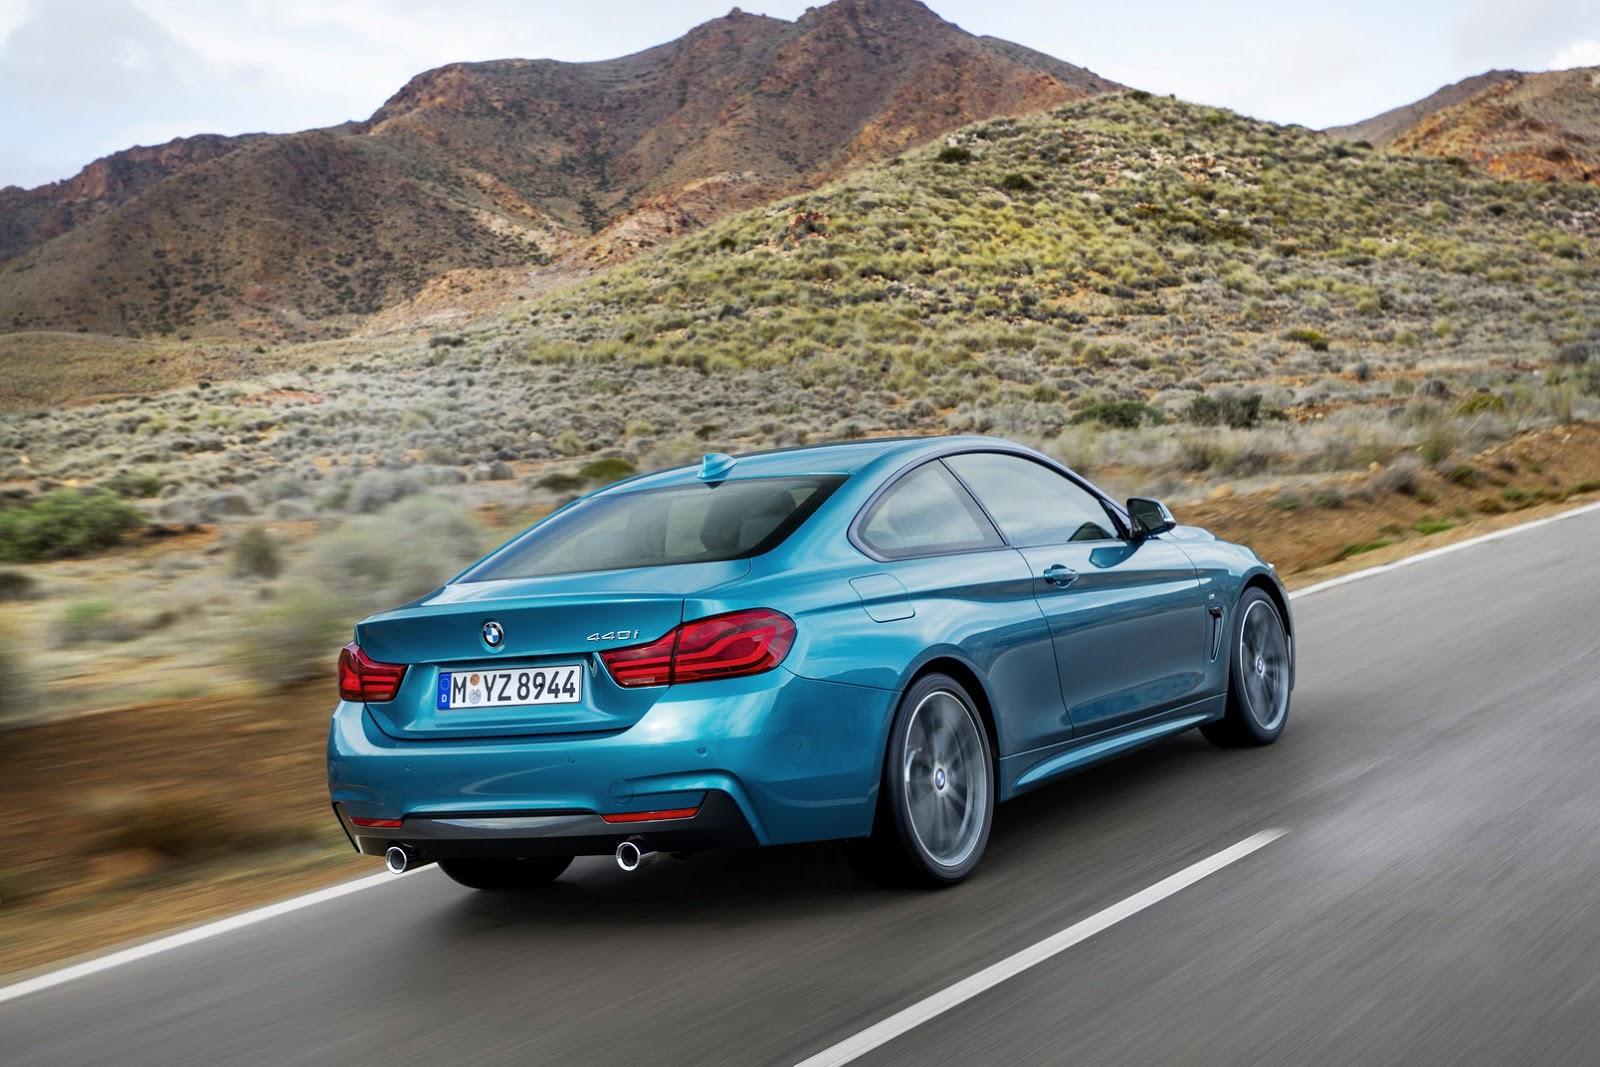 BMW Série 4 Coupé na posição 3x4 de traseira